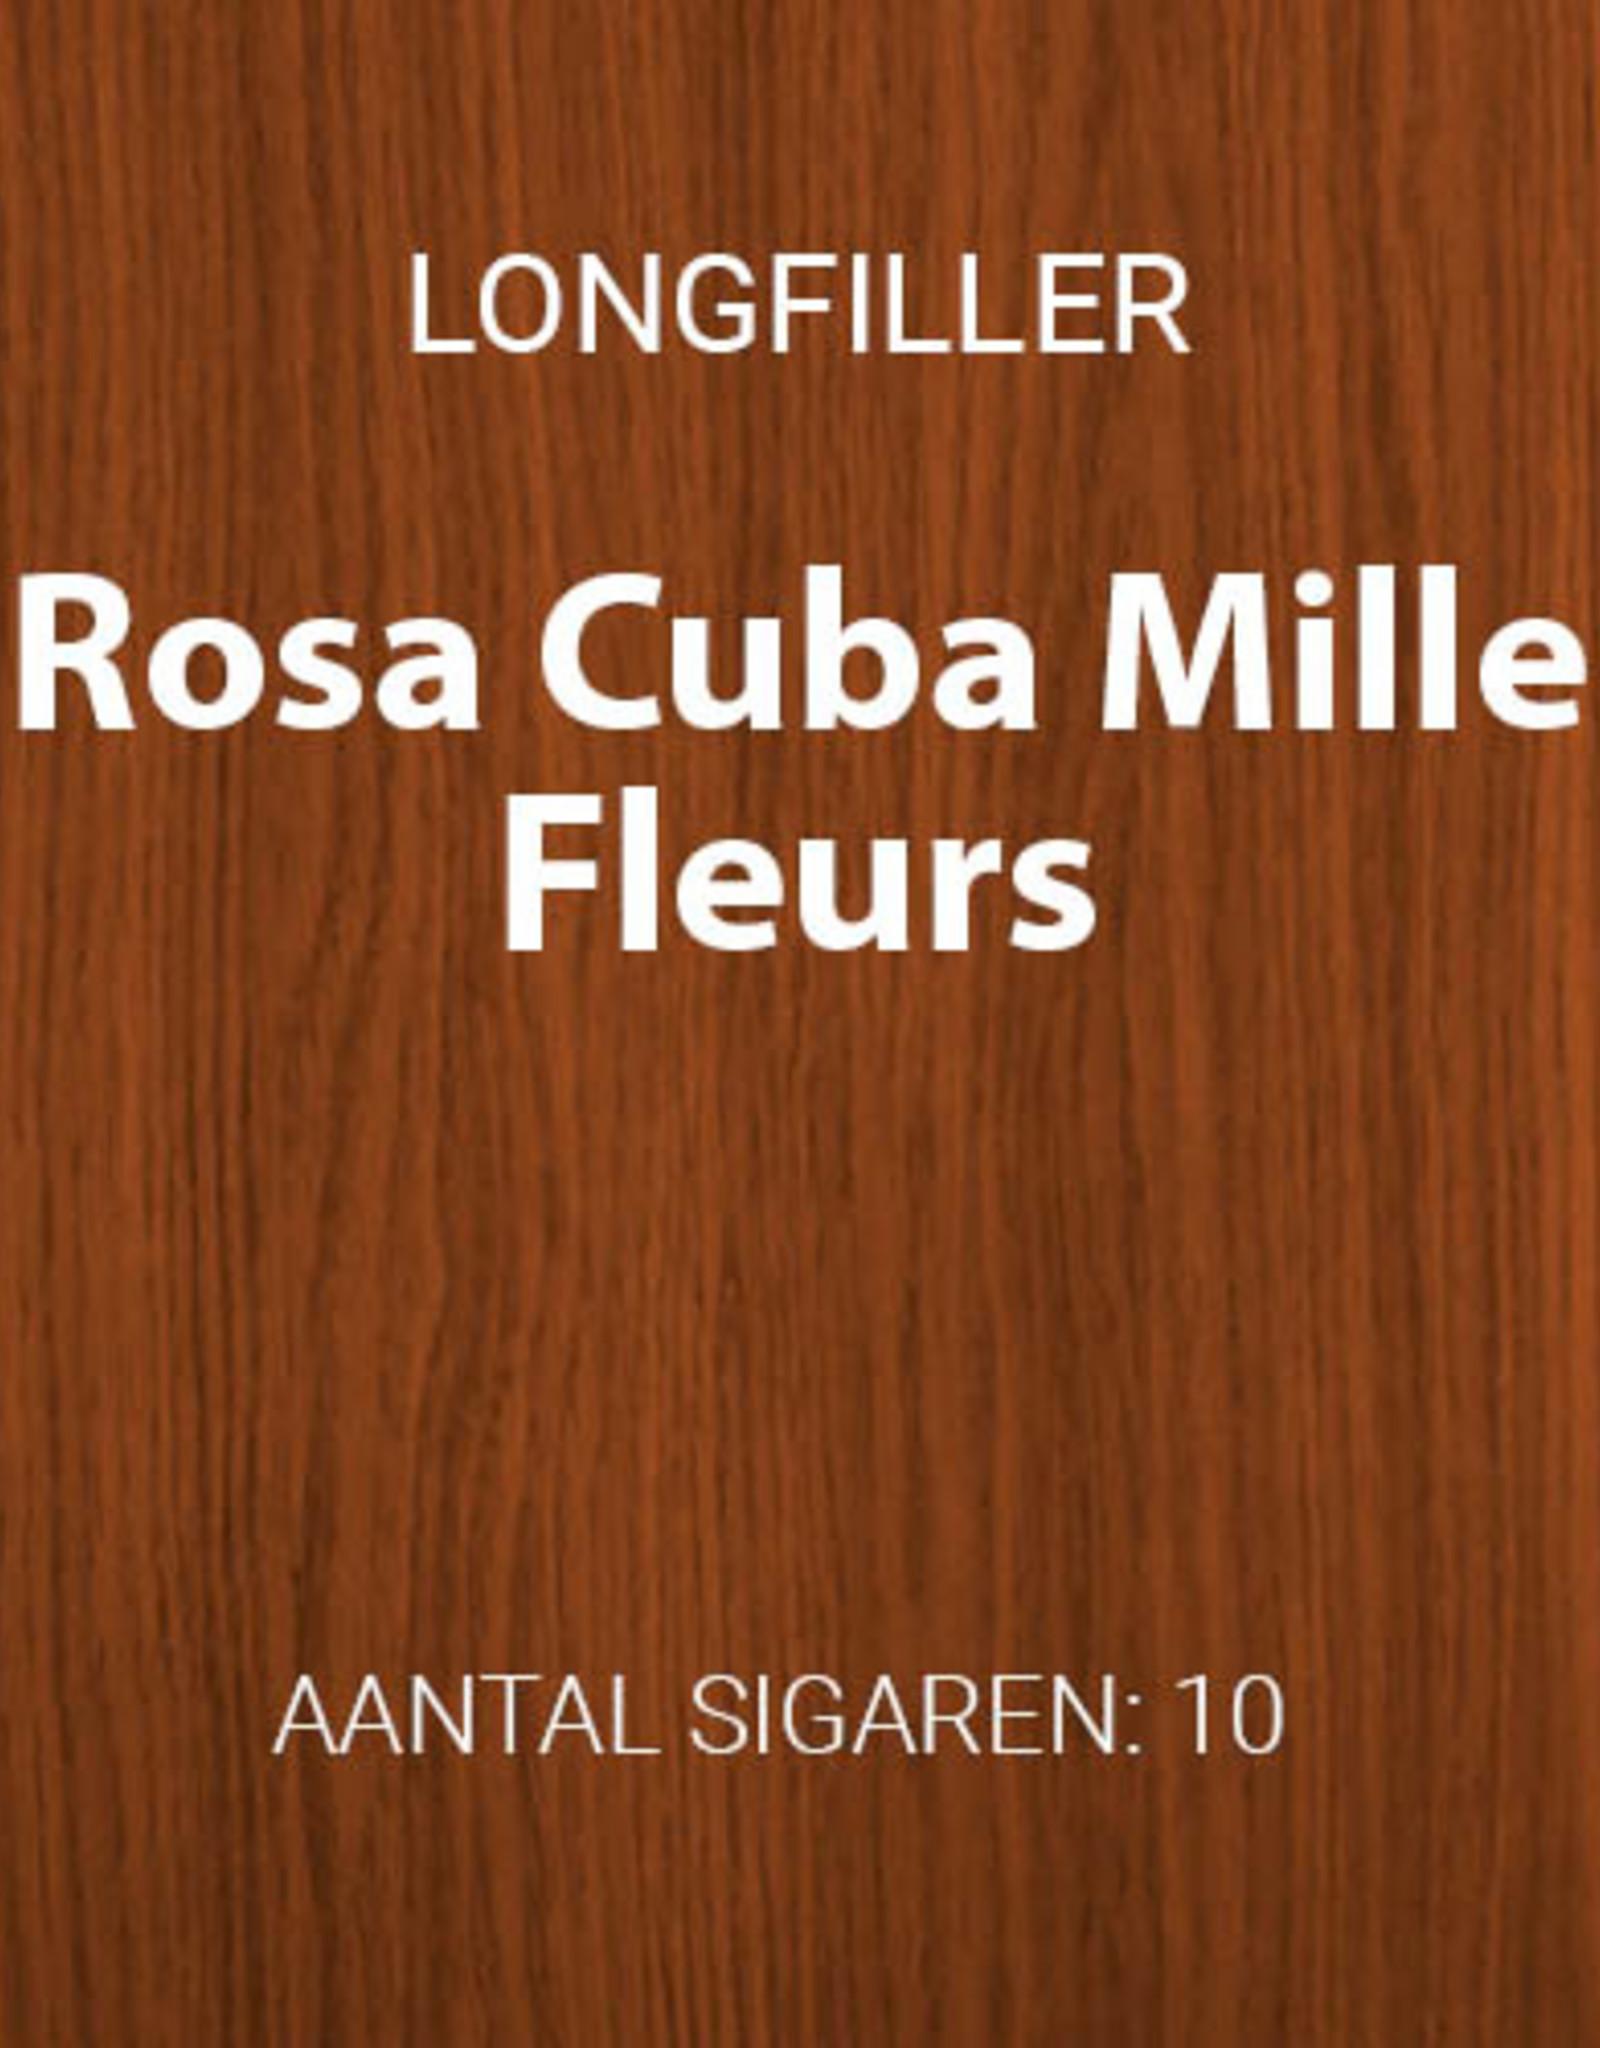 Rosa Cuba Millefleurs longfillers